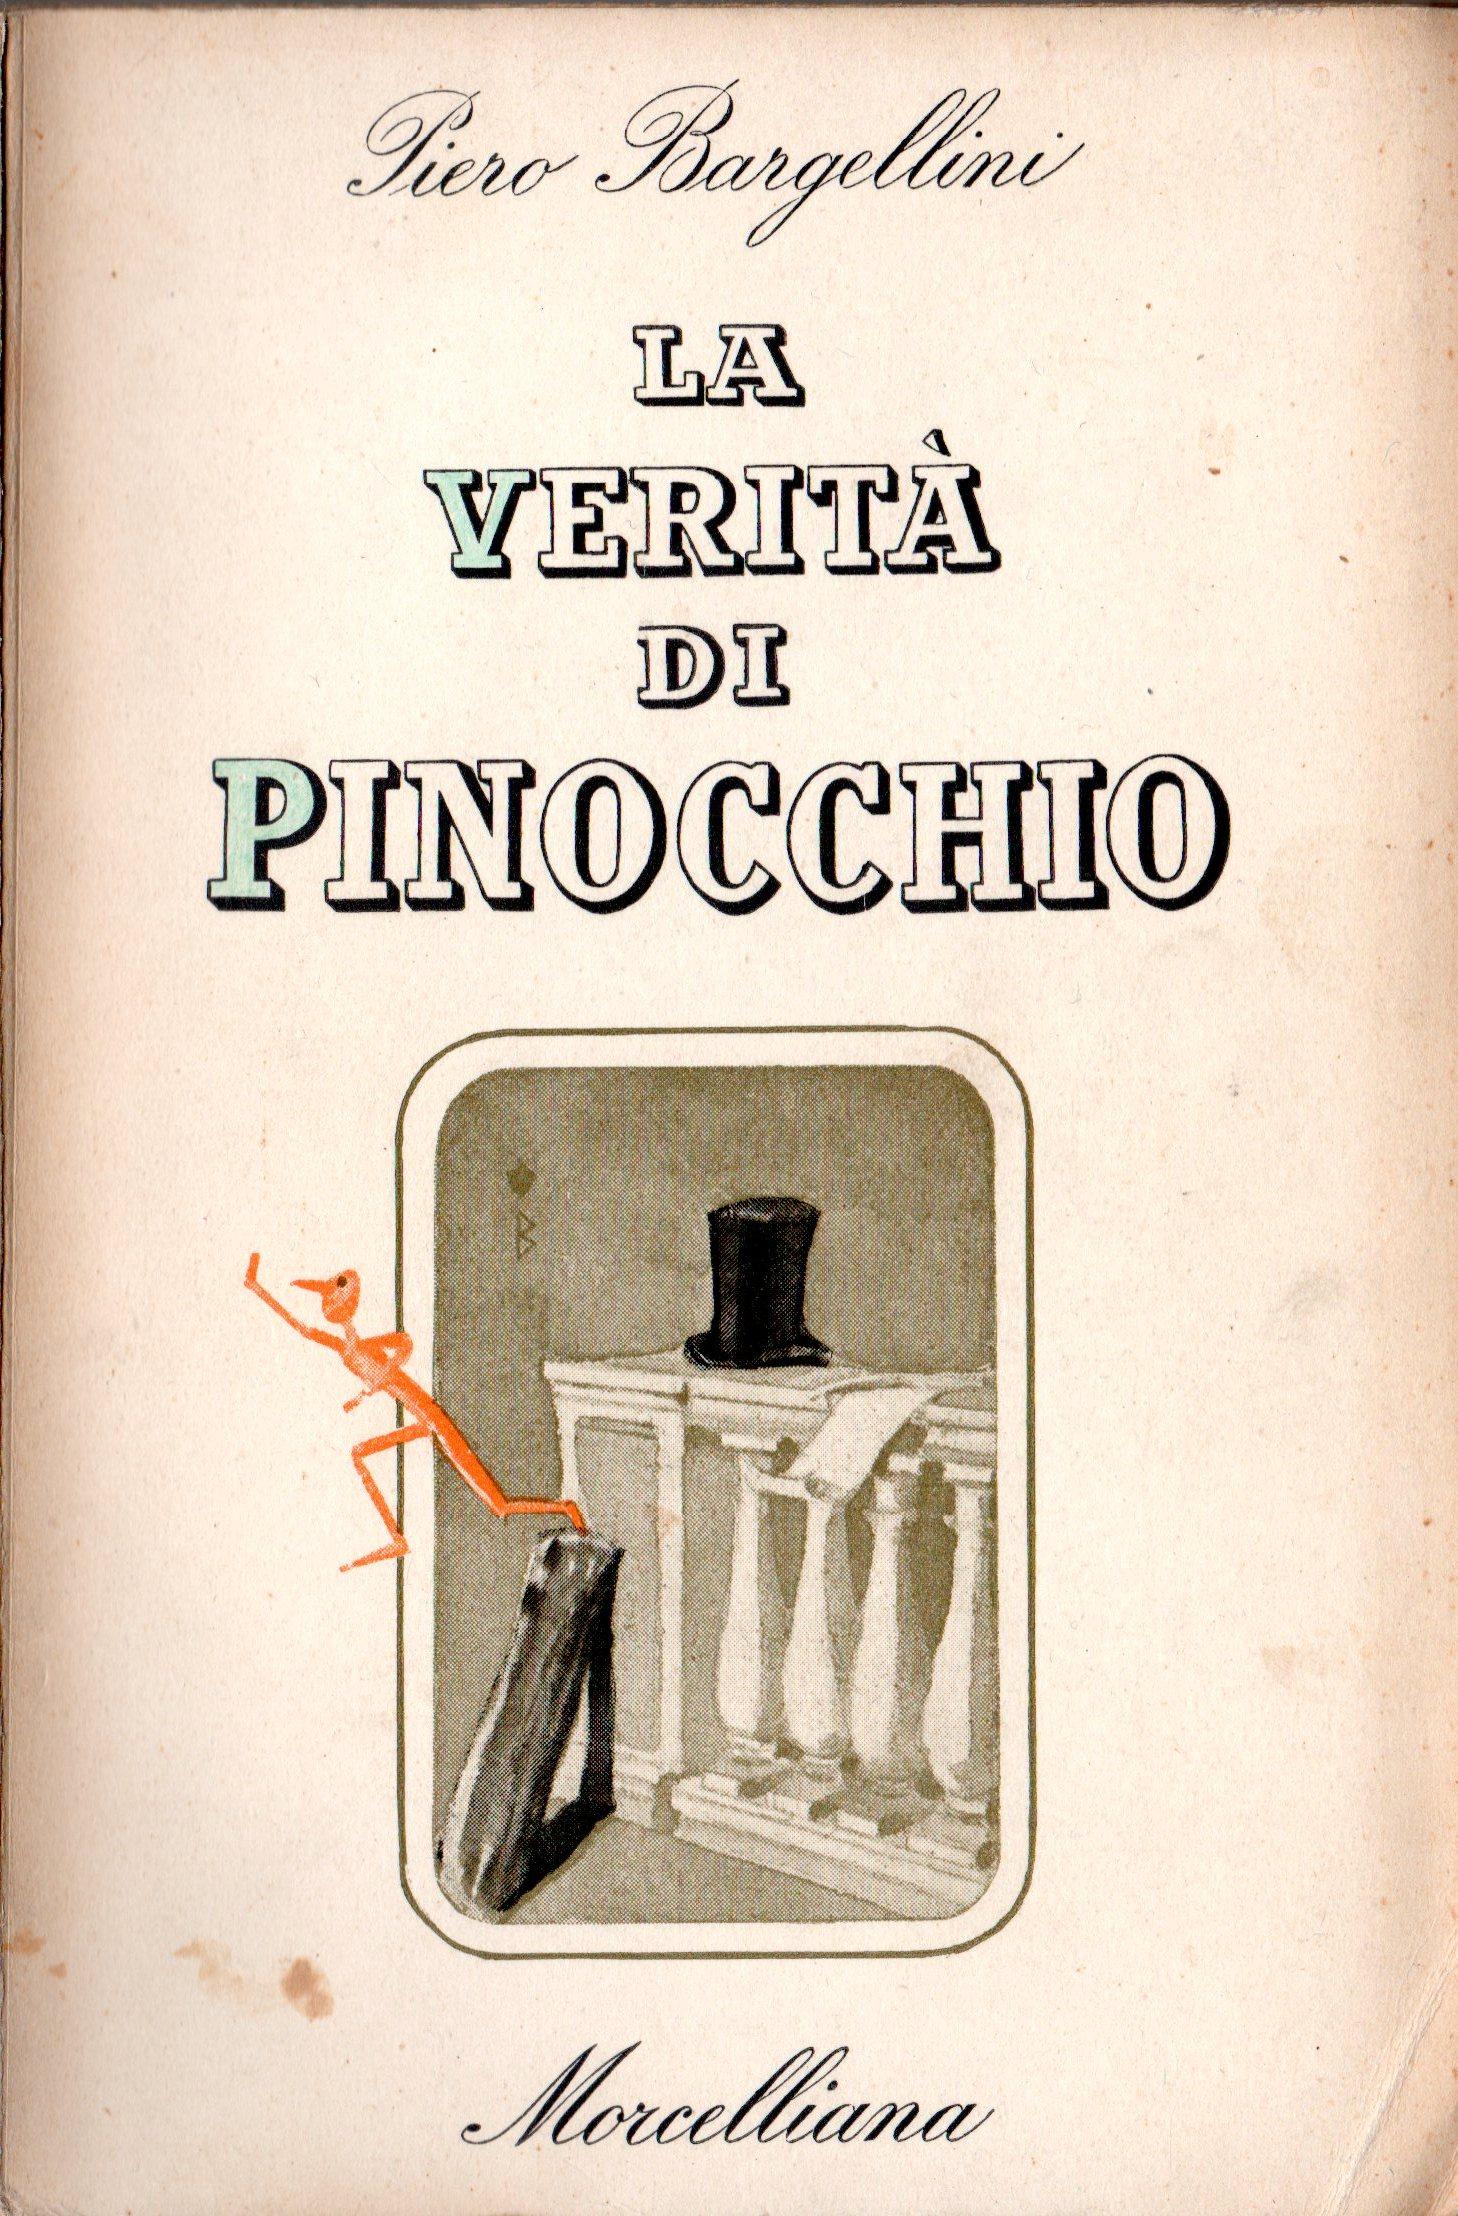 La verità di Pinocc...